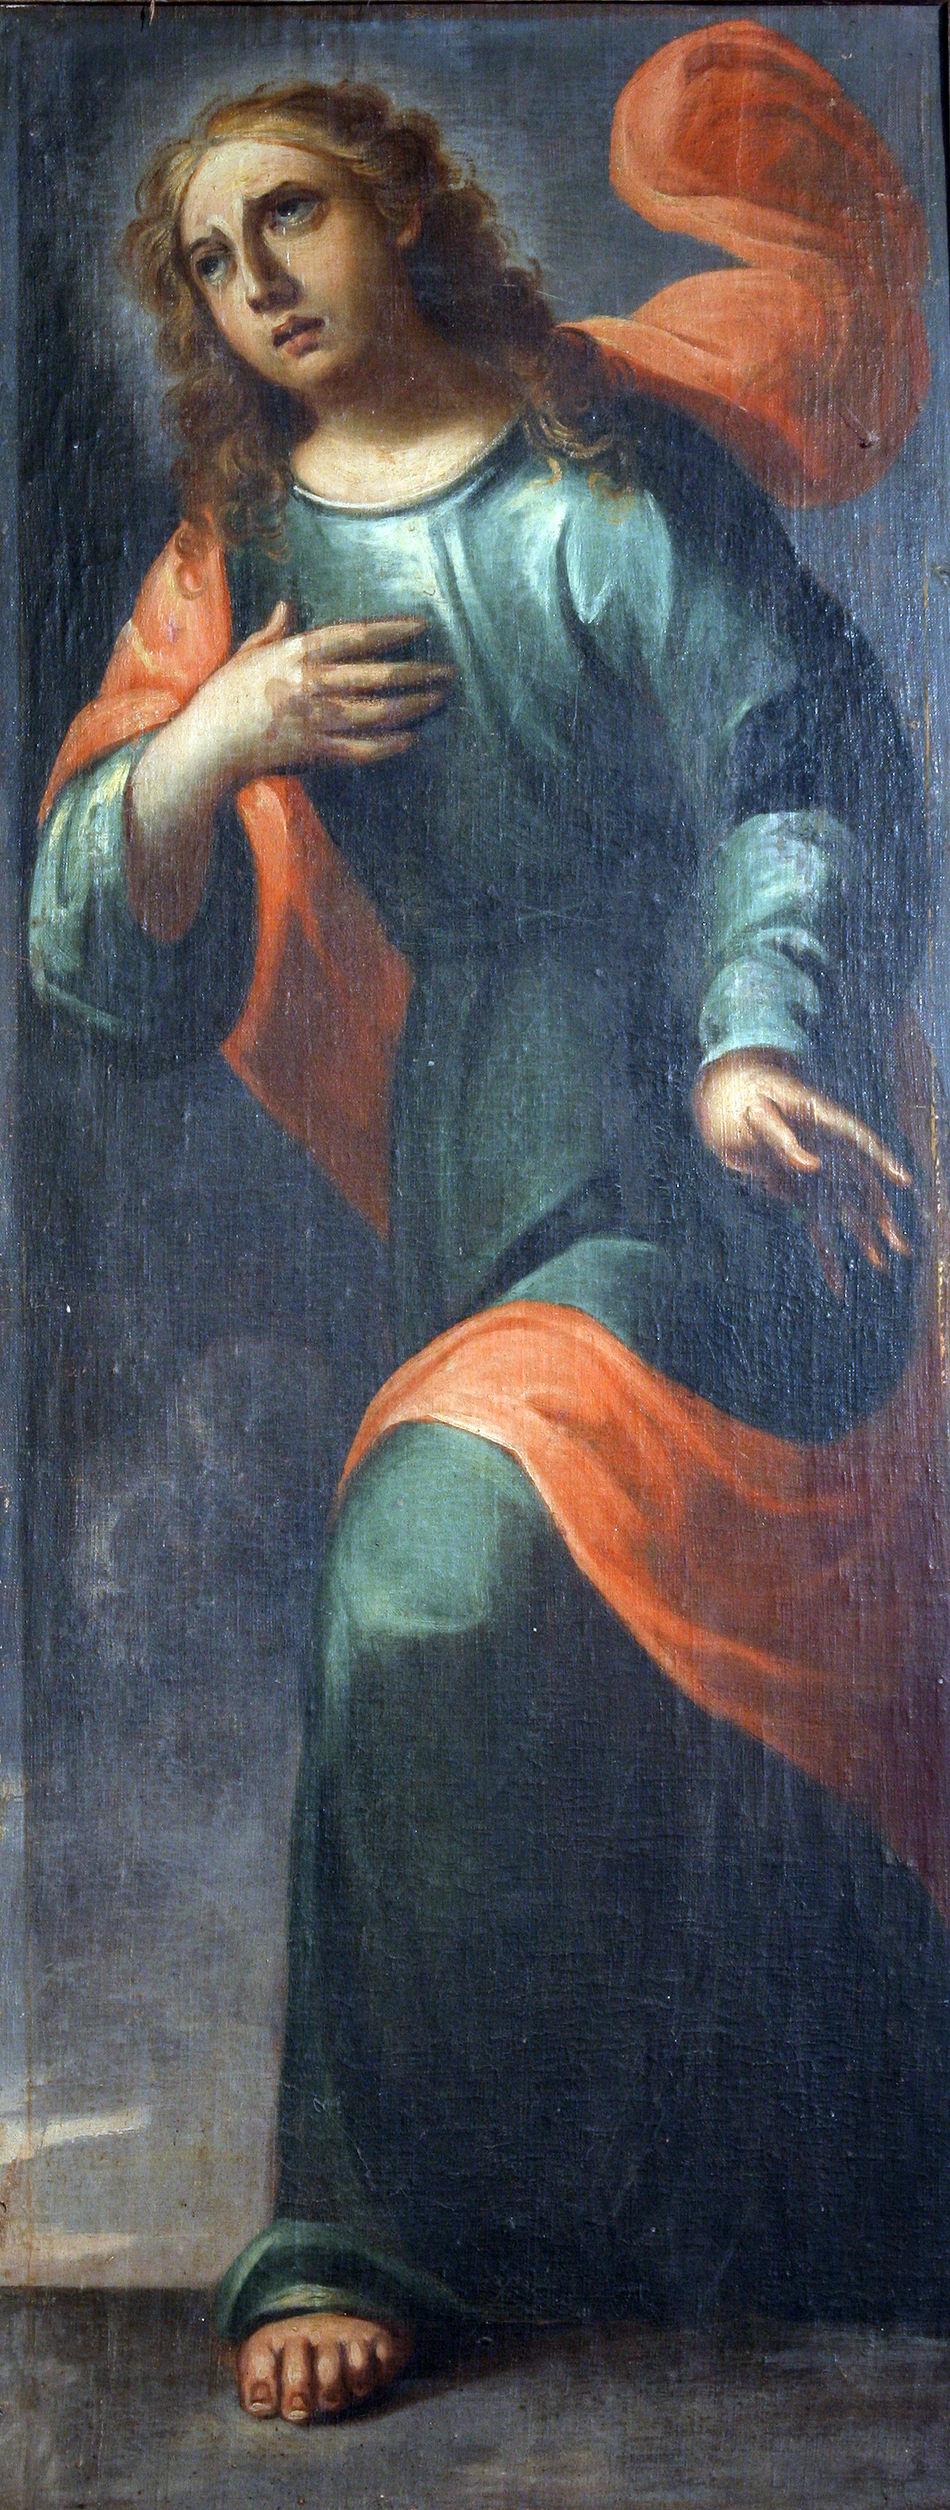 Saint Vincent de Paul Altar Art Belief Christianity Church Faith Holy Religion Religious  Saint Spiritual Spirituality Vincent De Paul Worship